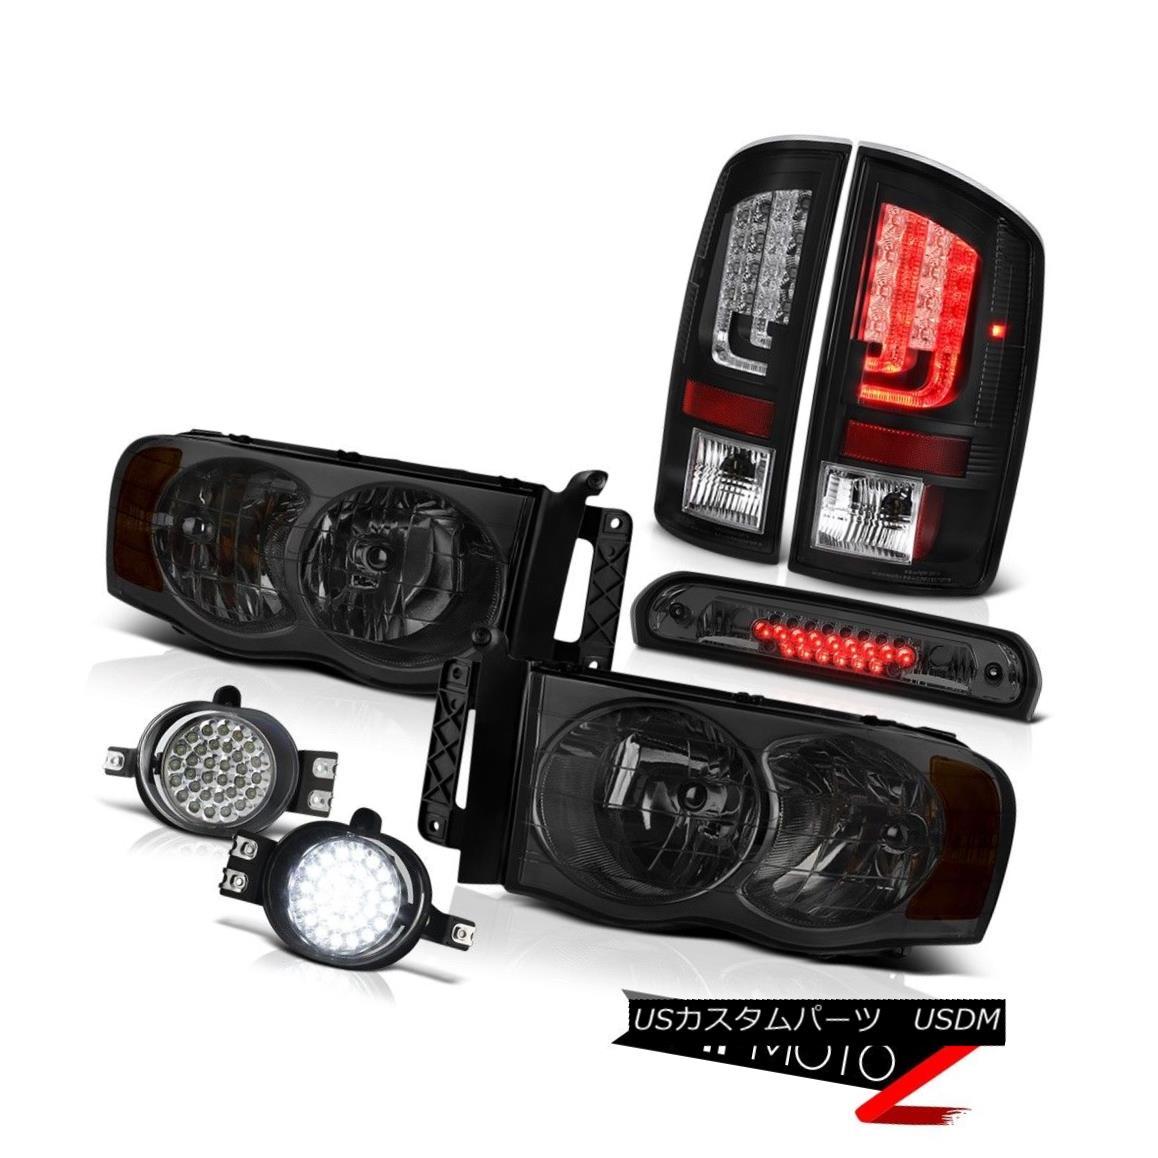 テールライト 2003-2005 Dodge Ram 3500 5.7L Rear Brake Lamps Headlamps Fog 3RD Lamp LED Drl 2003-2005ダッジラム3500 5.7Lリアブレーキランプヘッドランプフォグ3RDランプLED Drl